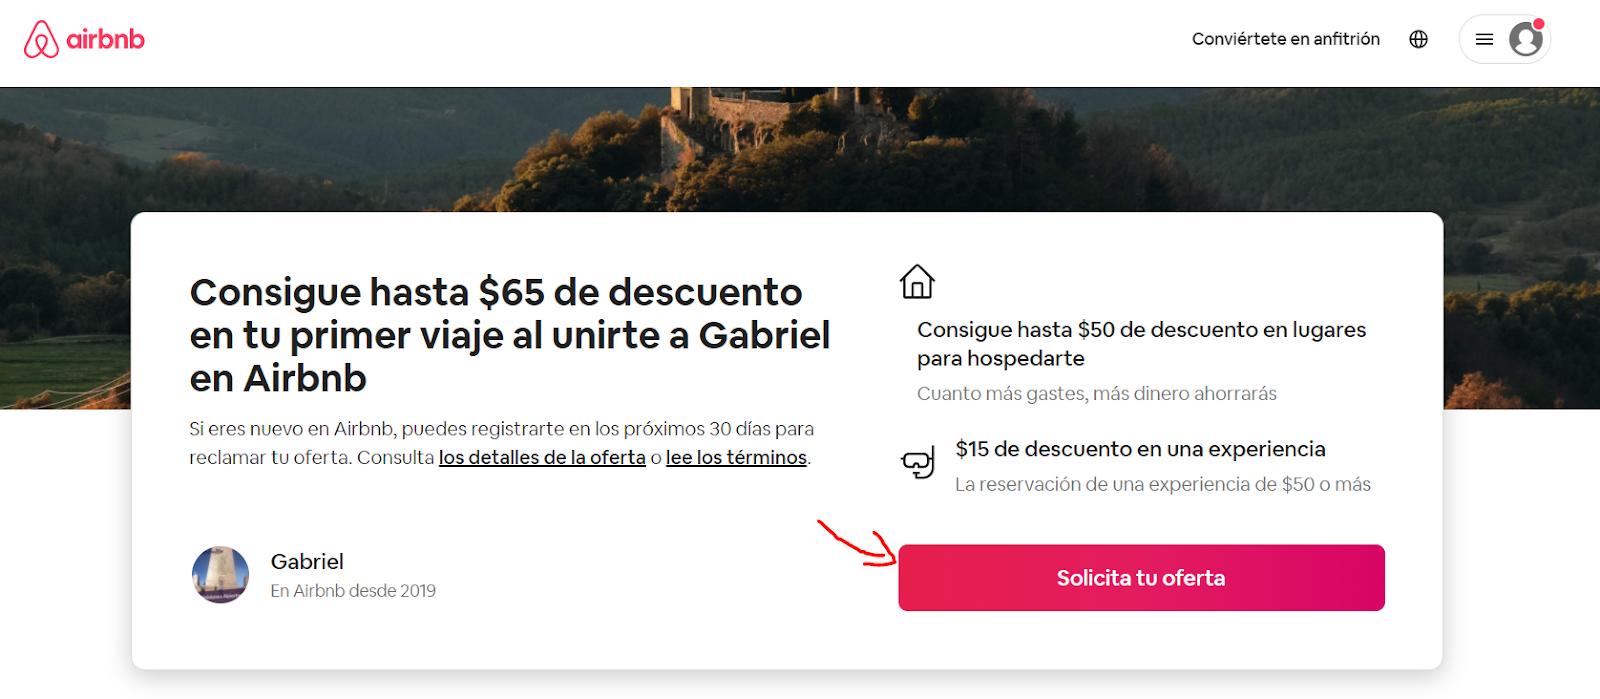 Cómo ganar dinero con Airbnb sin tener una casa recomendación Gabiajando